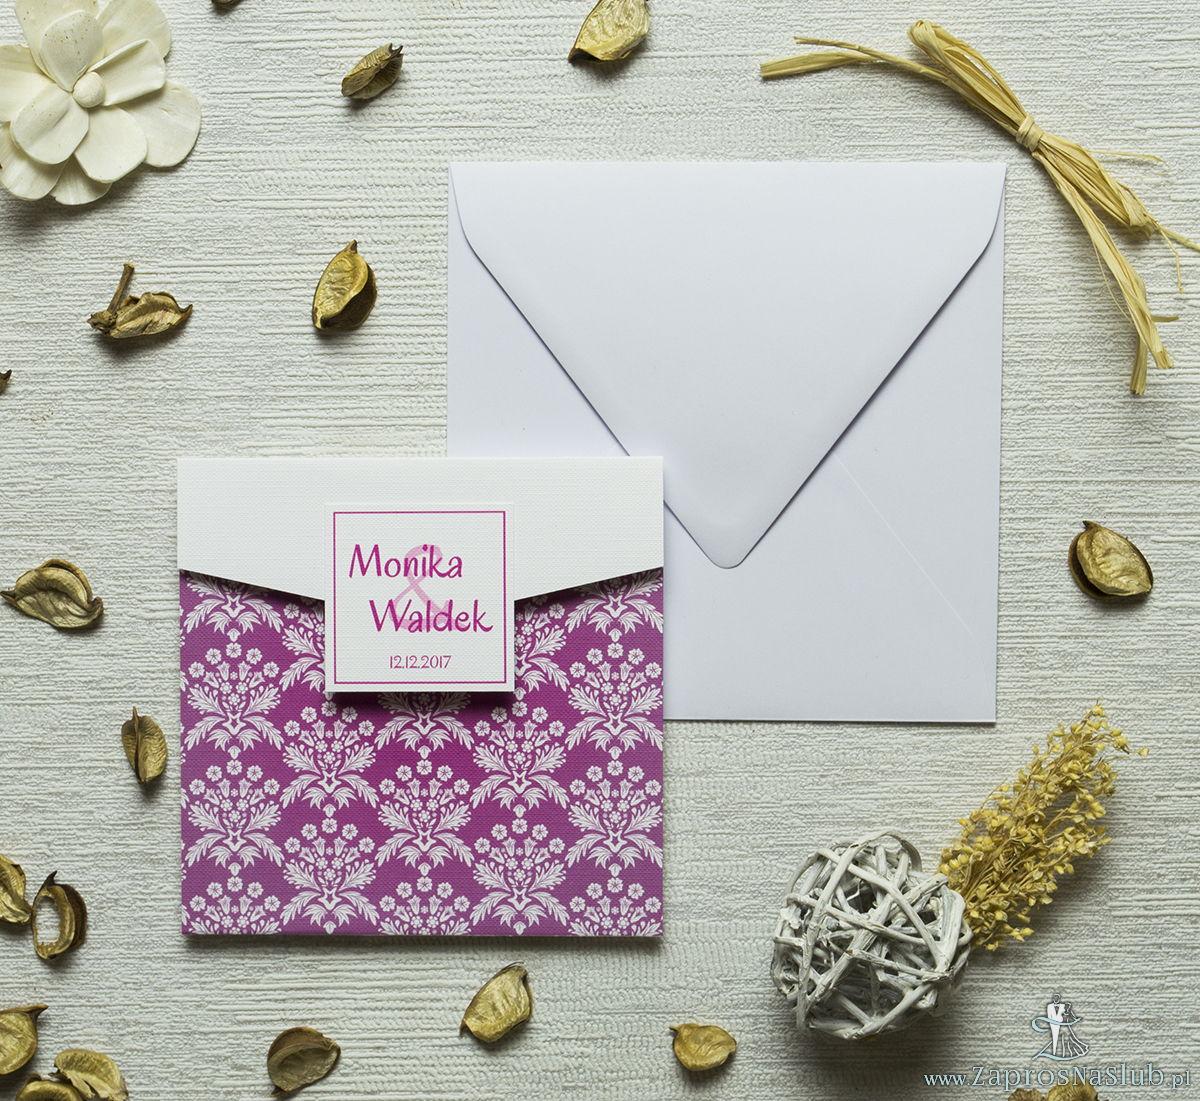 Zaproszenia z różowo-białym motywem florystycznym w kształcie koperty. ZAP-15-02